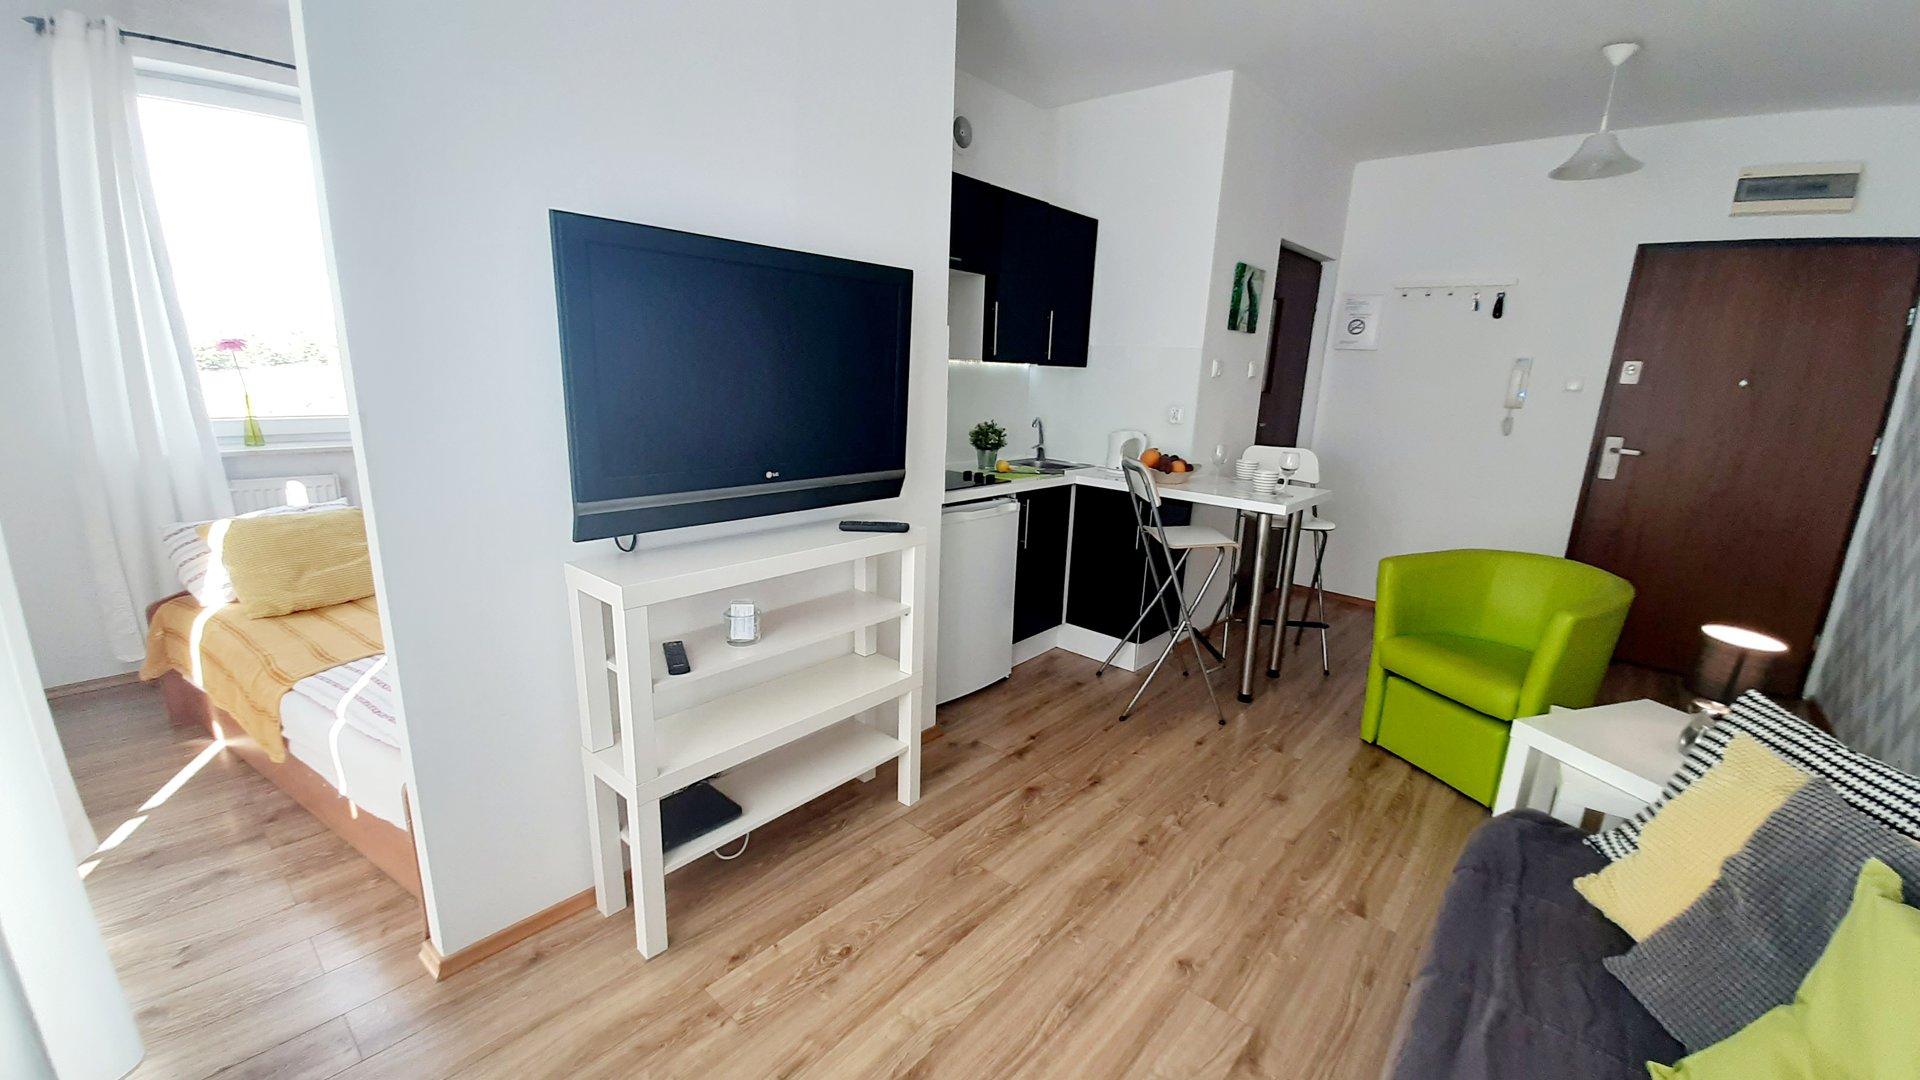 rezerwacje GDAŃSK Przemyska 22/E mieszkanie nr 7, 80-180 GDAŃSK